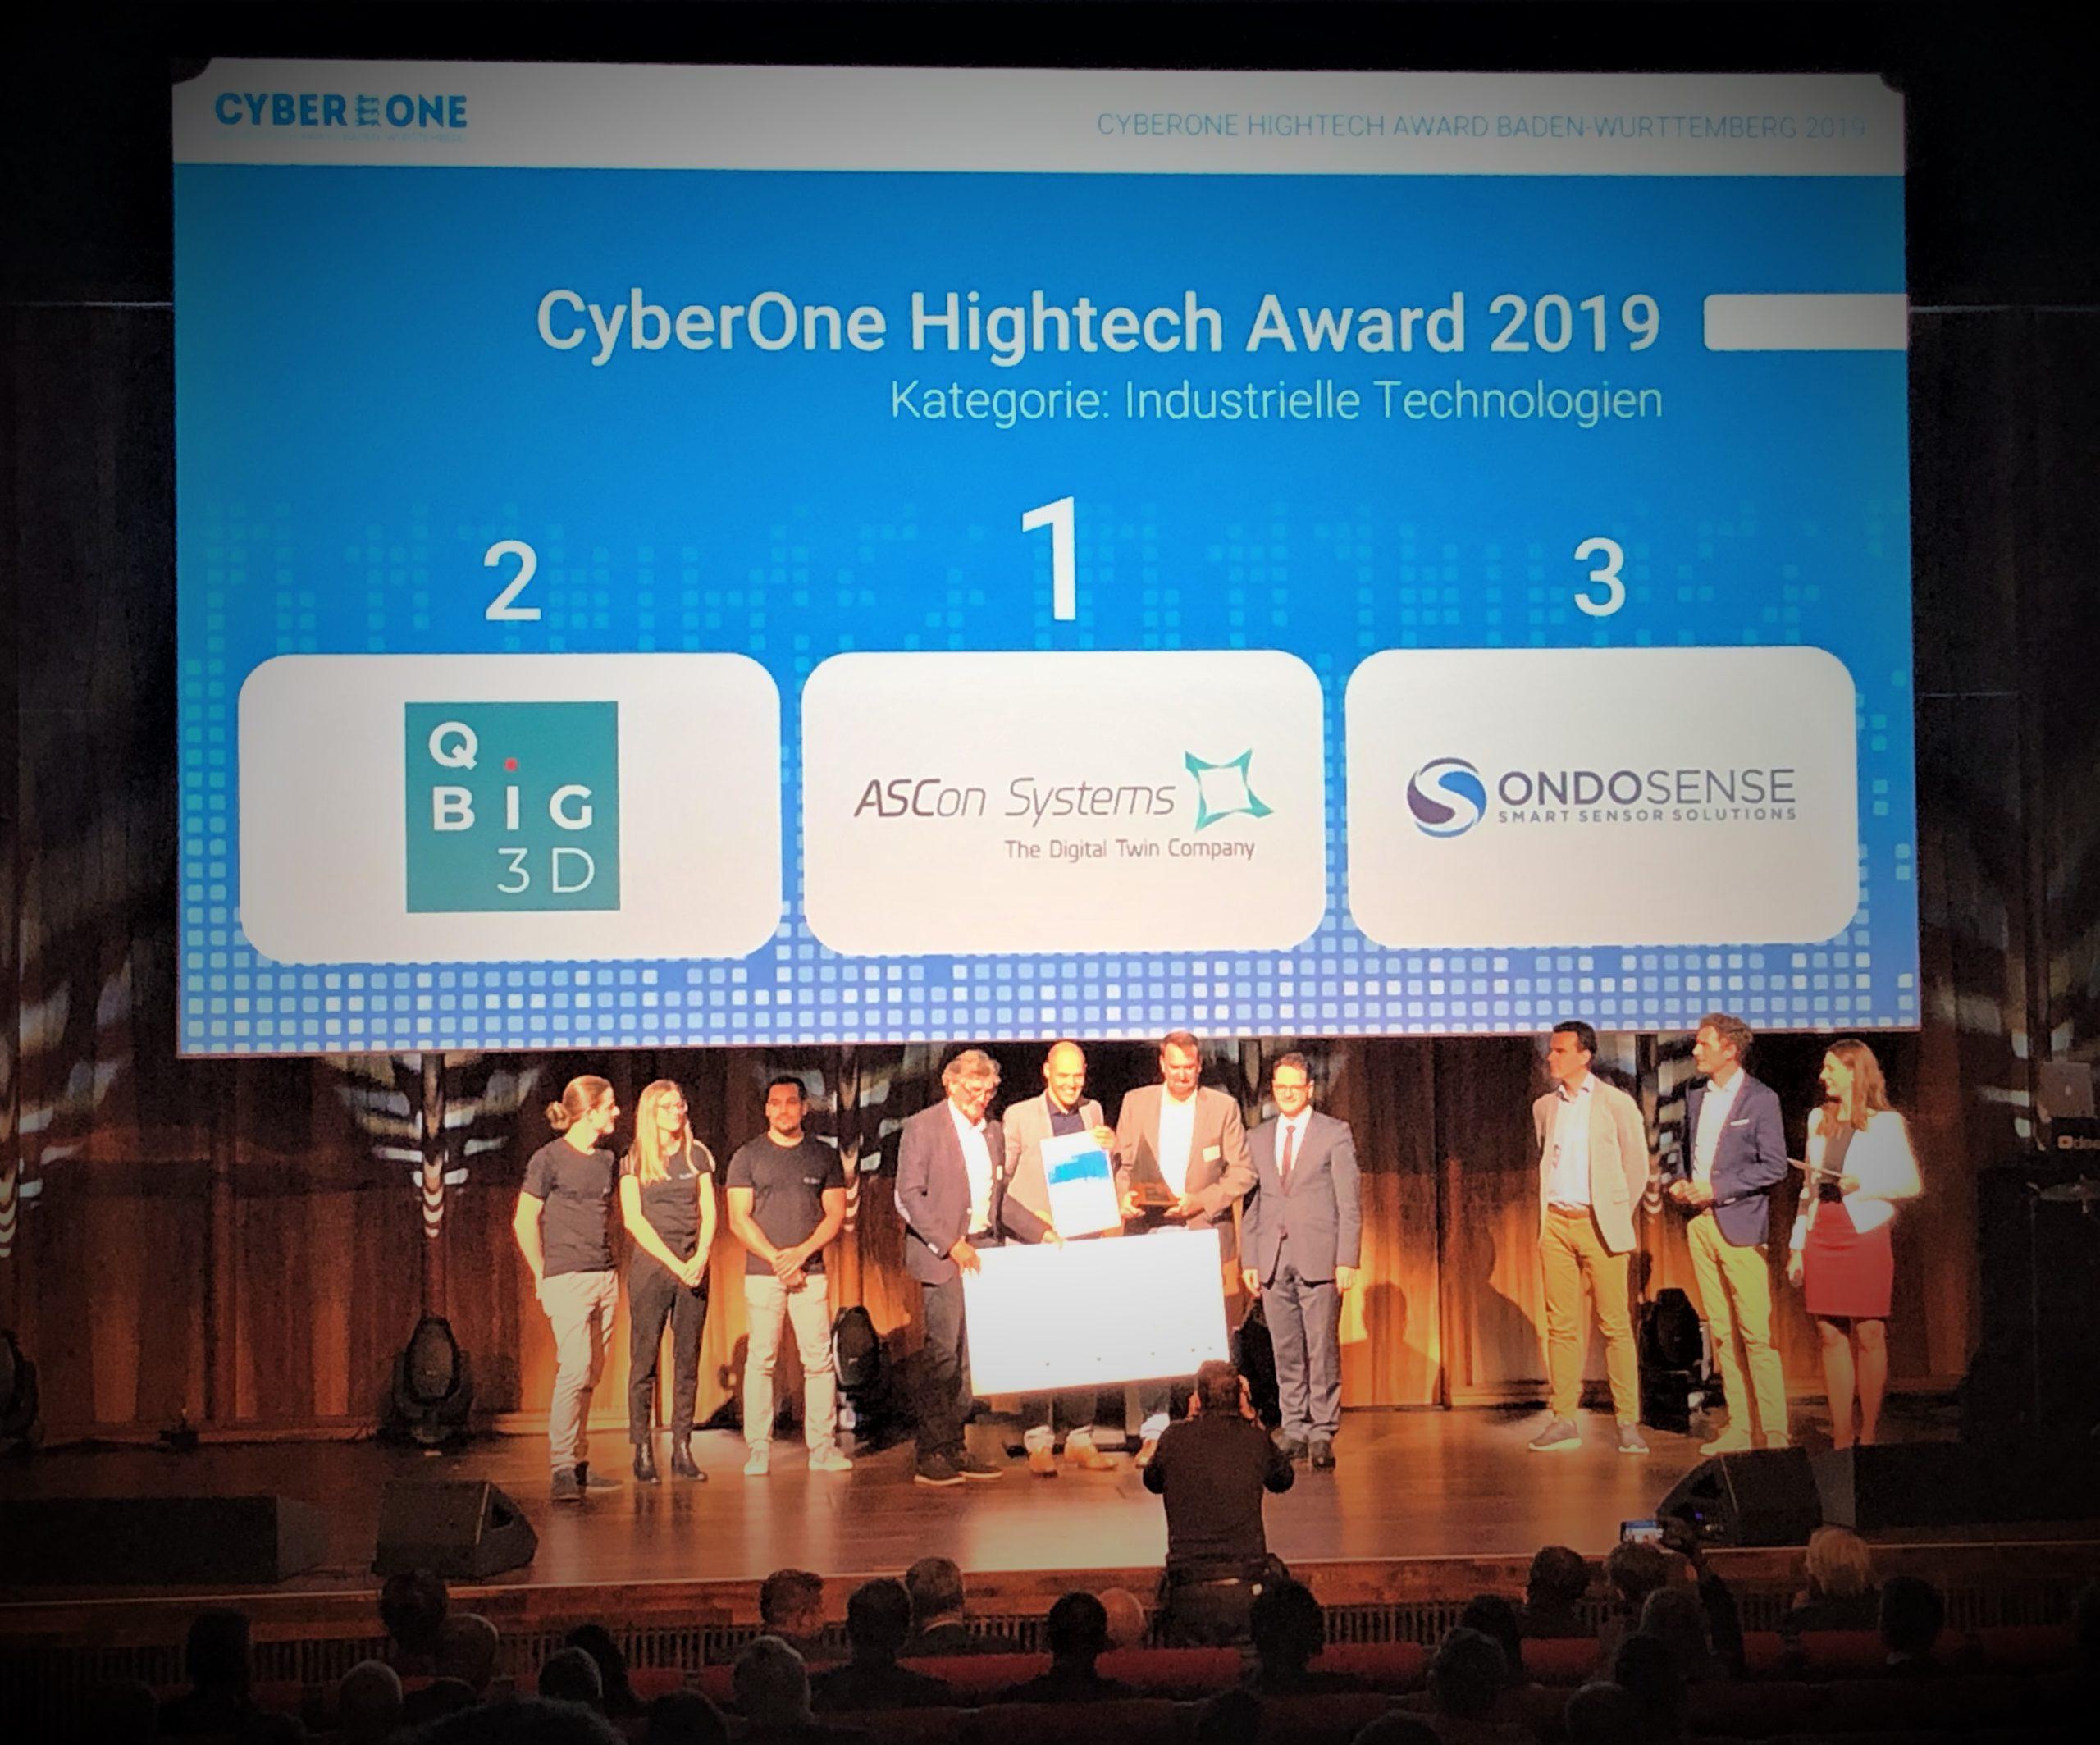 ASCon Systems ist Gewinner des CyberOne Hightech Awards 2019